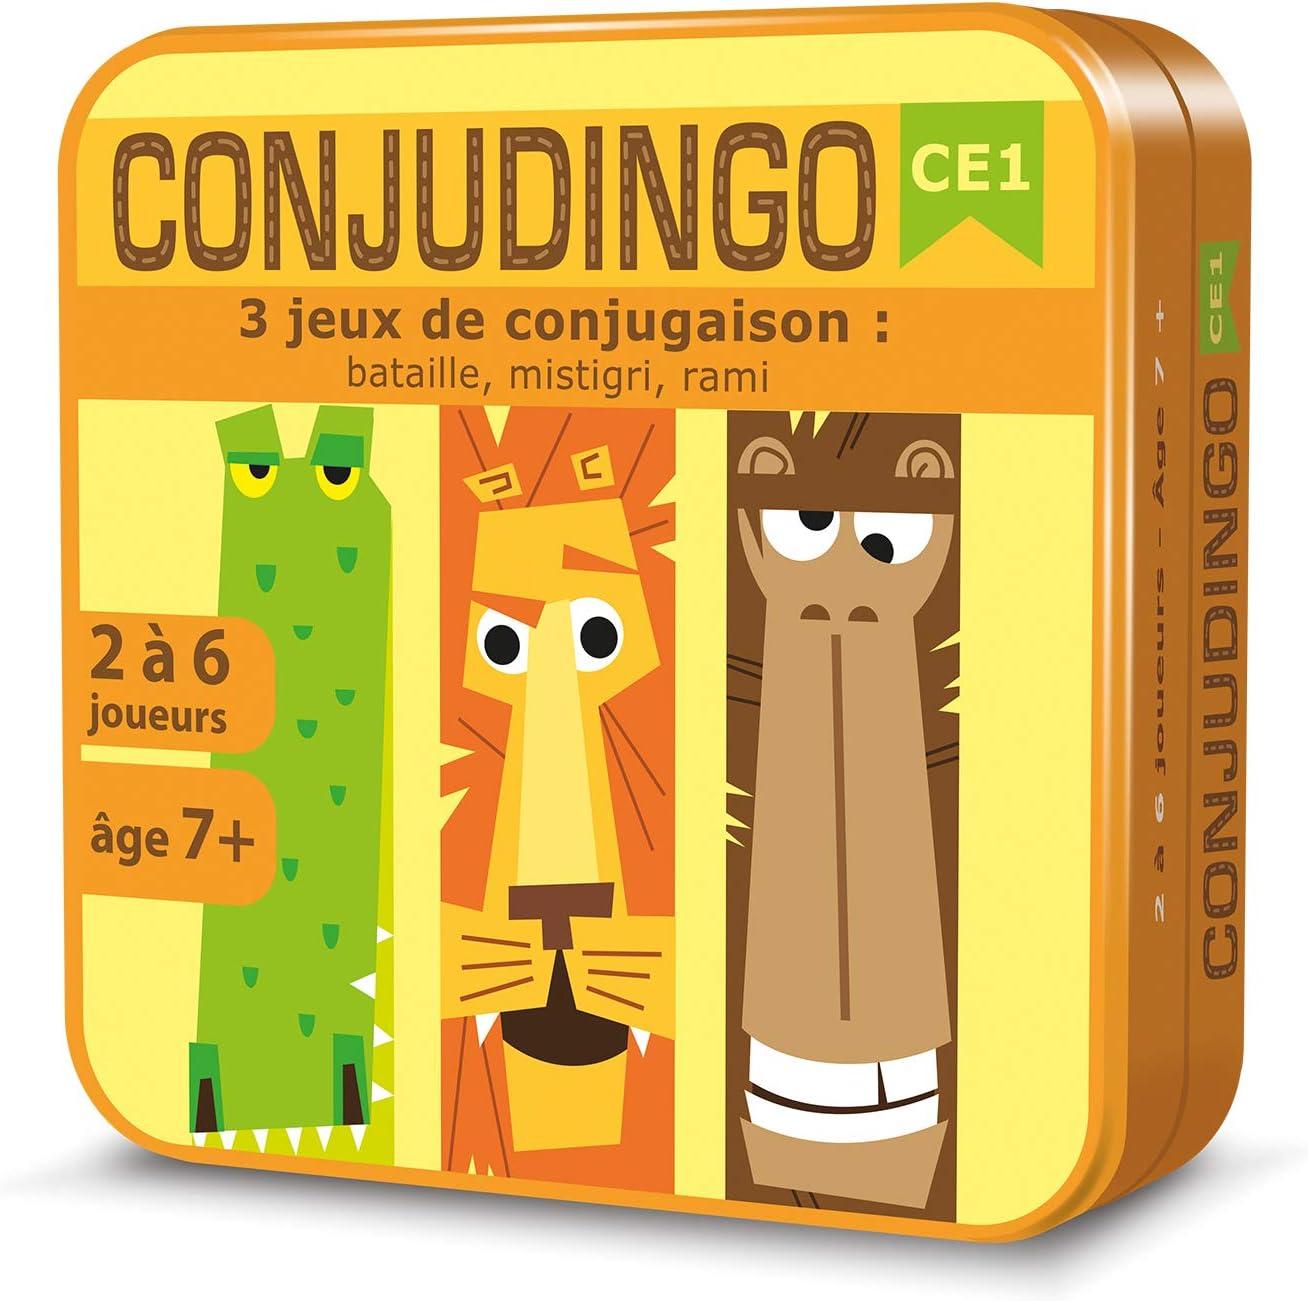 Conjudingo : 3 jeux de conjugaison pour le CE1